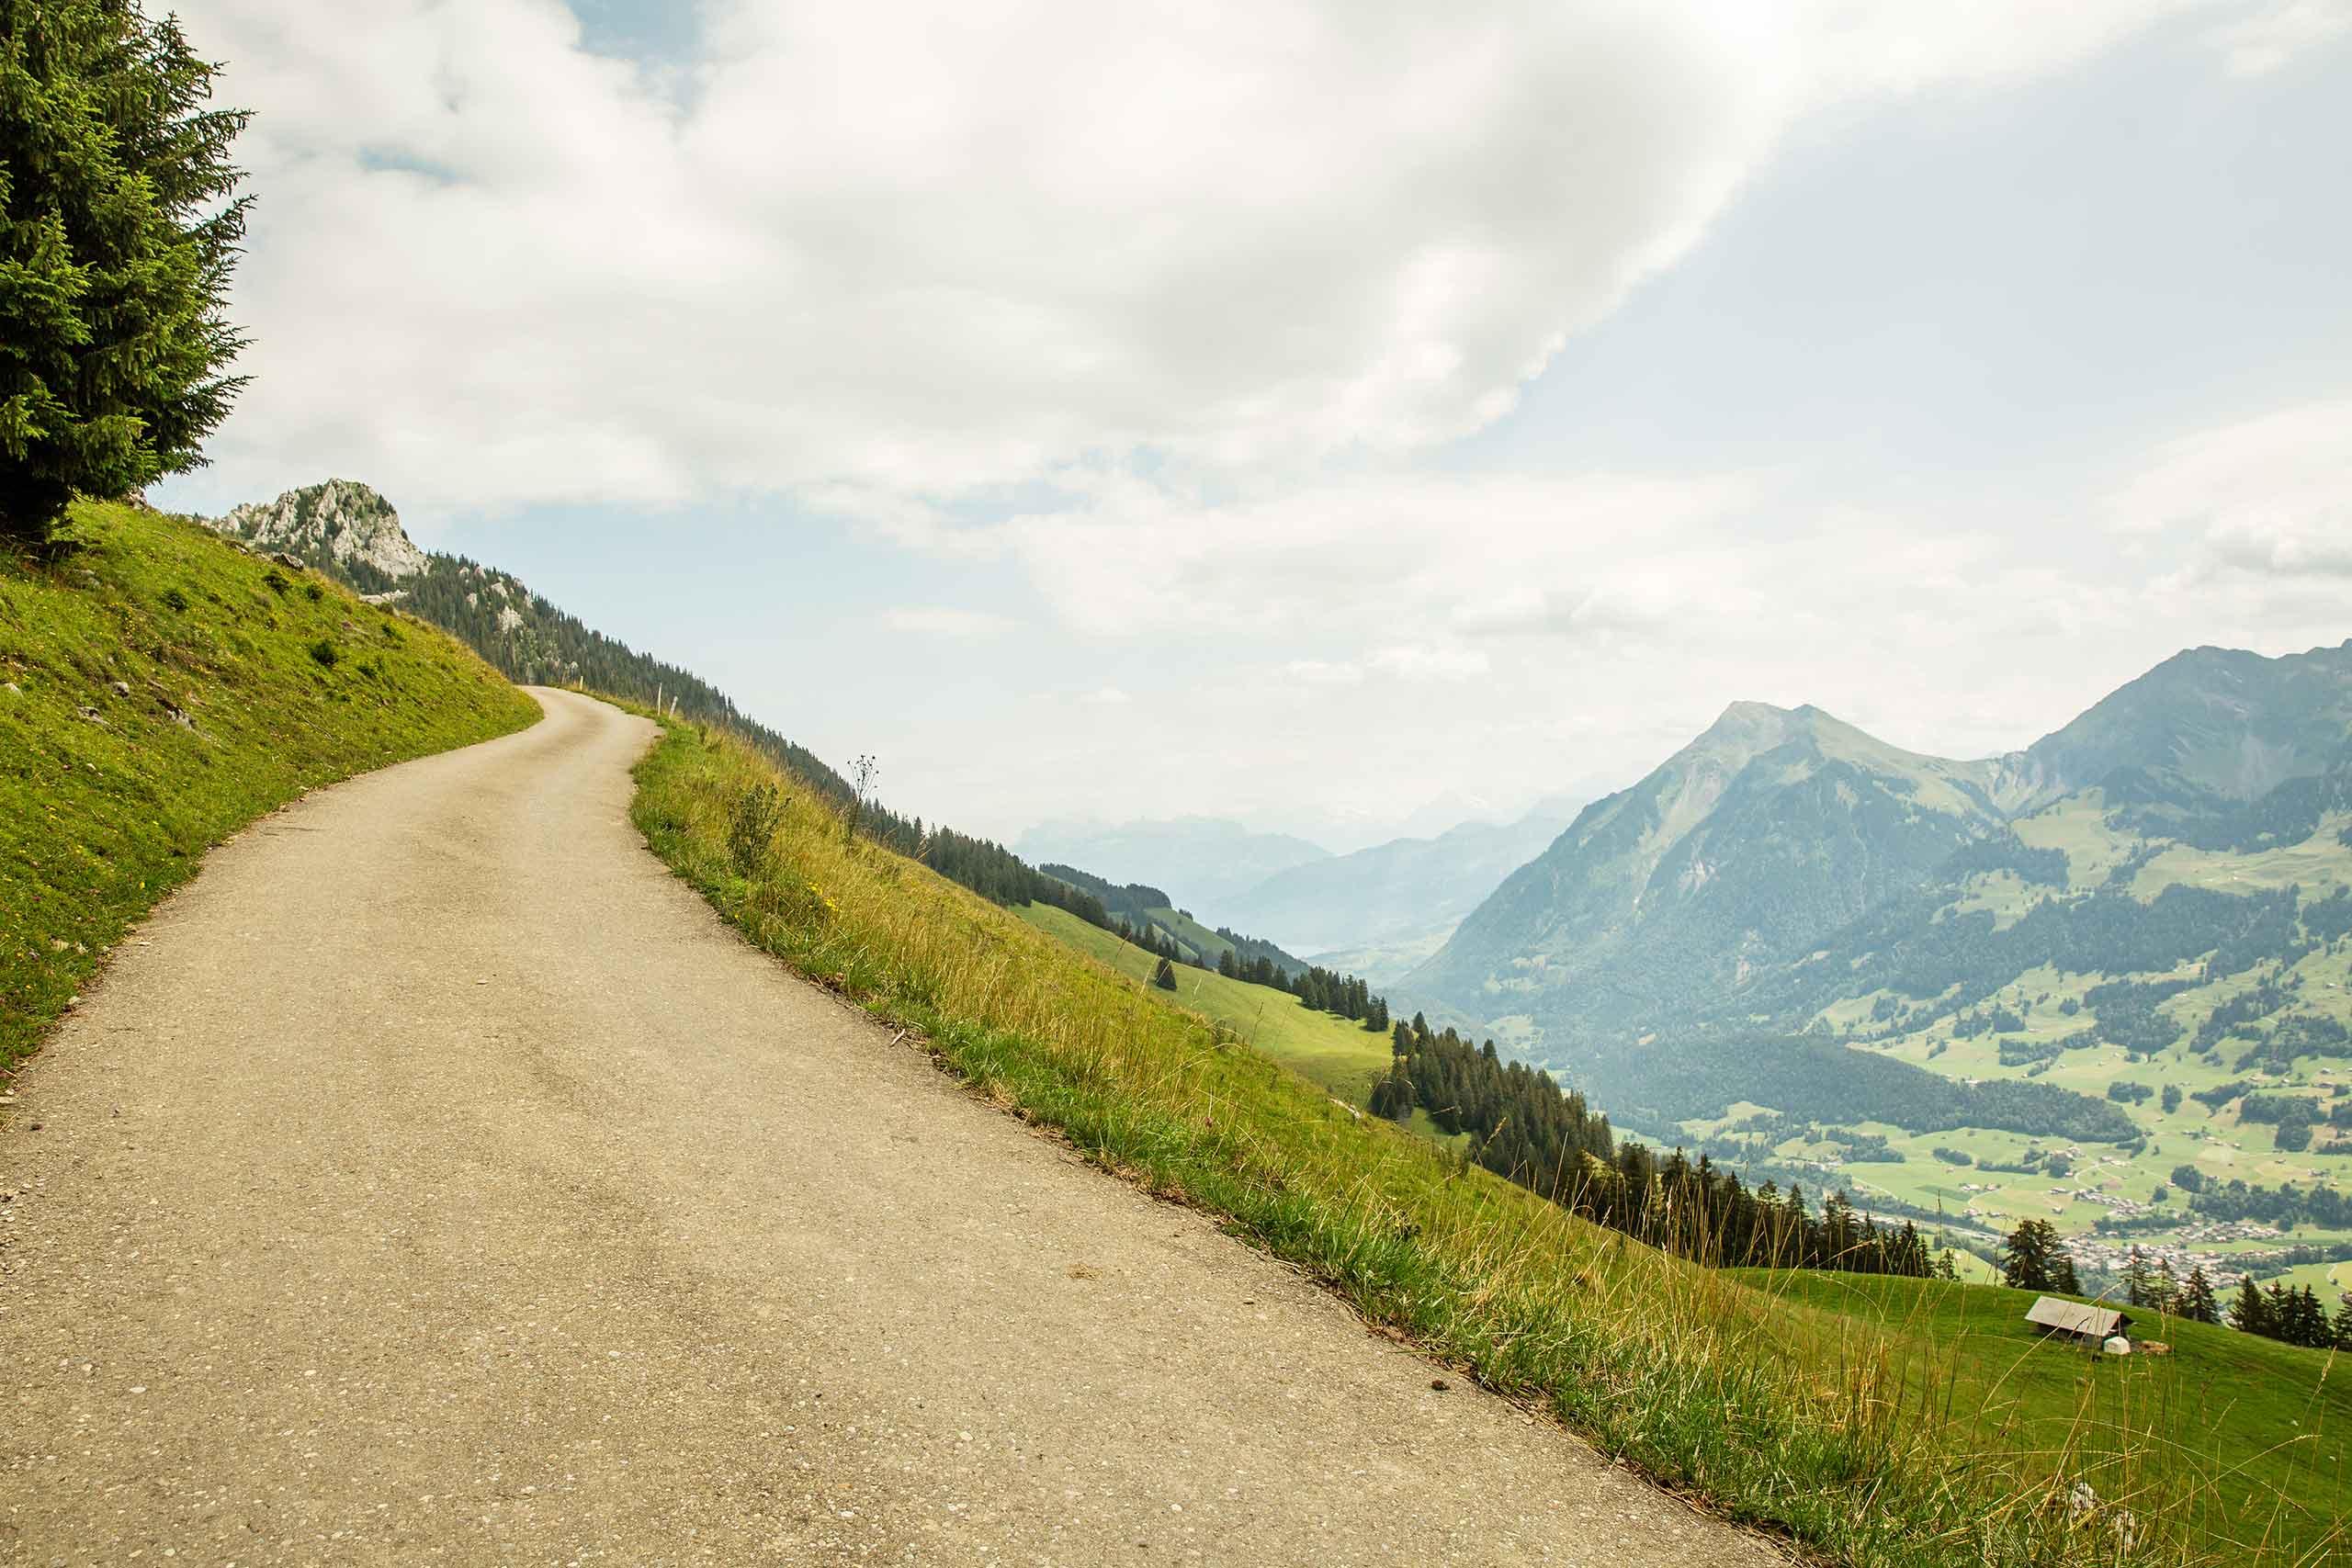 stockhorn-trotti-bike-sommer-strasse-wiese-landschaft-simmental.jpg